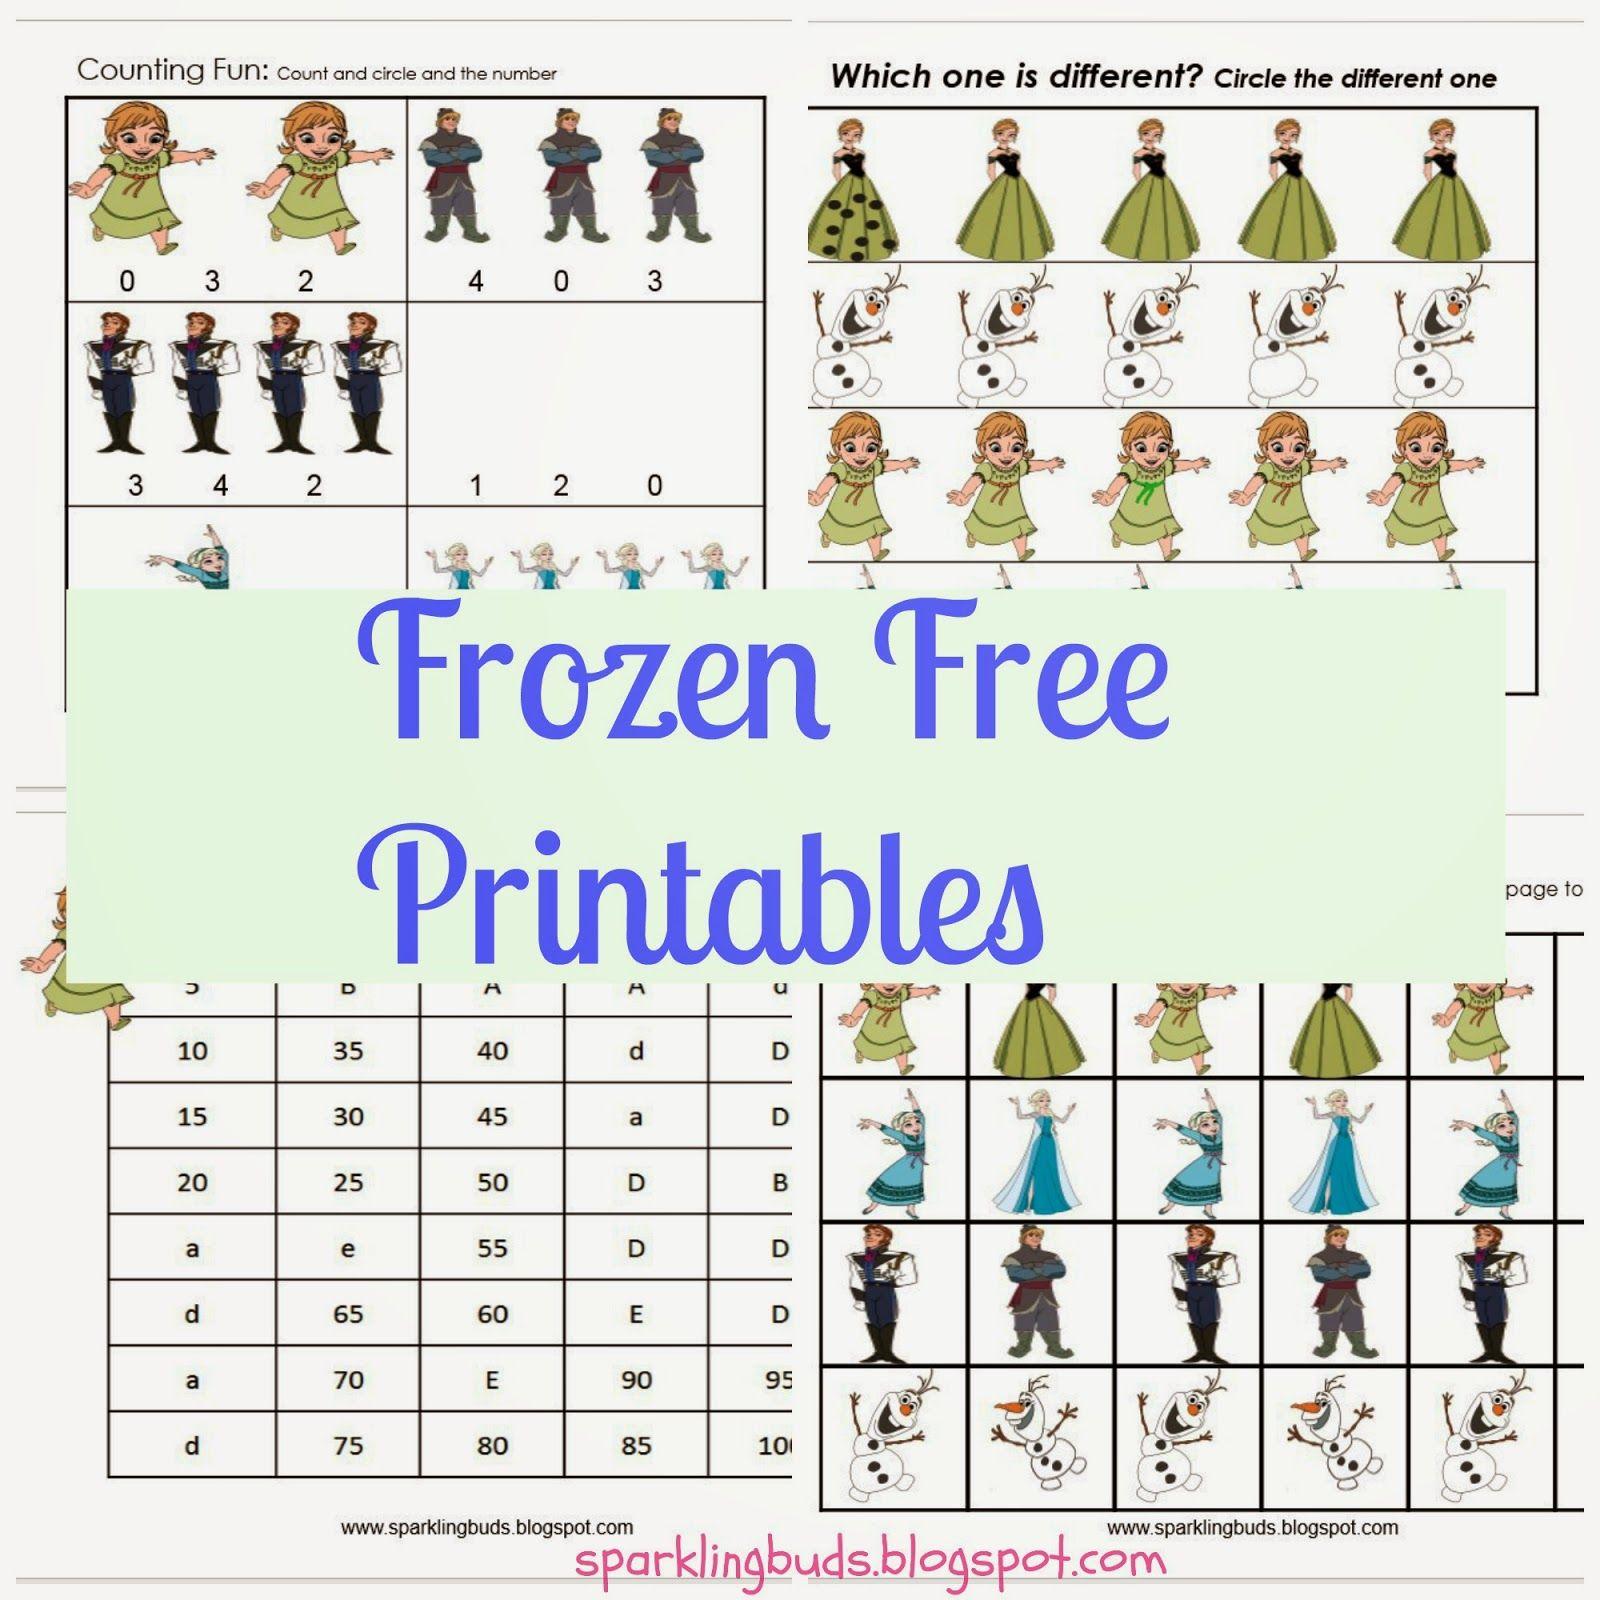 Frozen Movie Free Printables Frozen movie, Summer